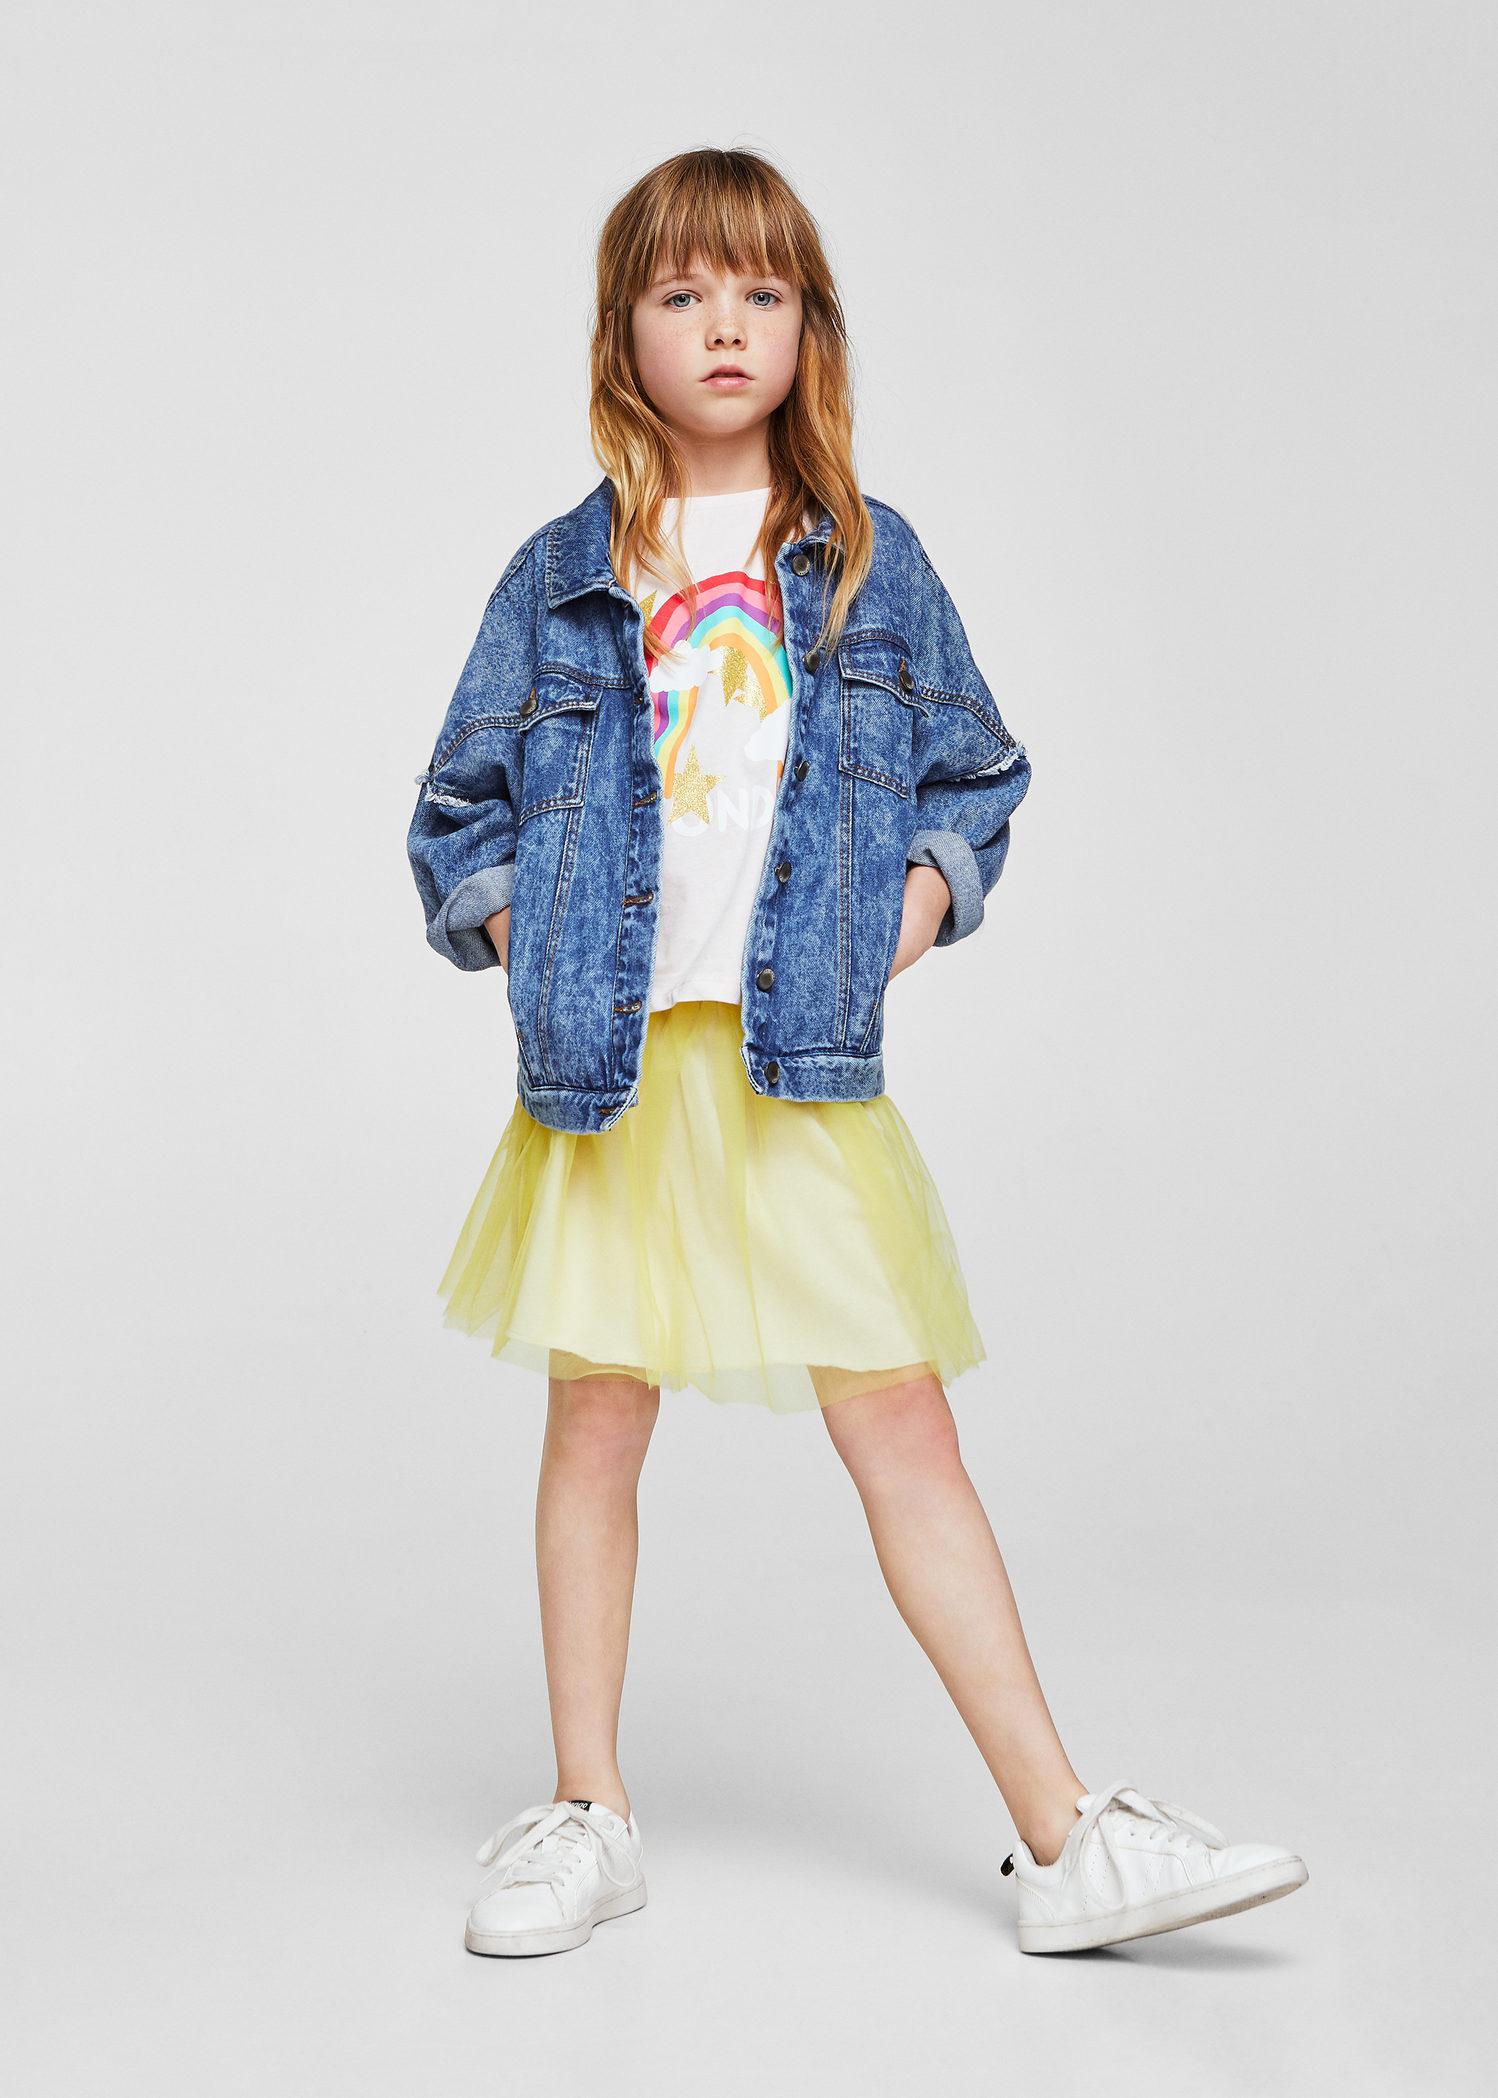 032cf440f Aunque el denim queda súper bien con absolutamente todo, si tus peques lo  combinan con unas sneakers blancas y alguna prenda en amarillo (uno de los  colores ...